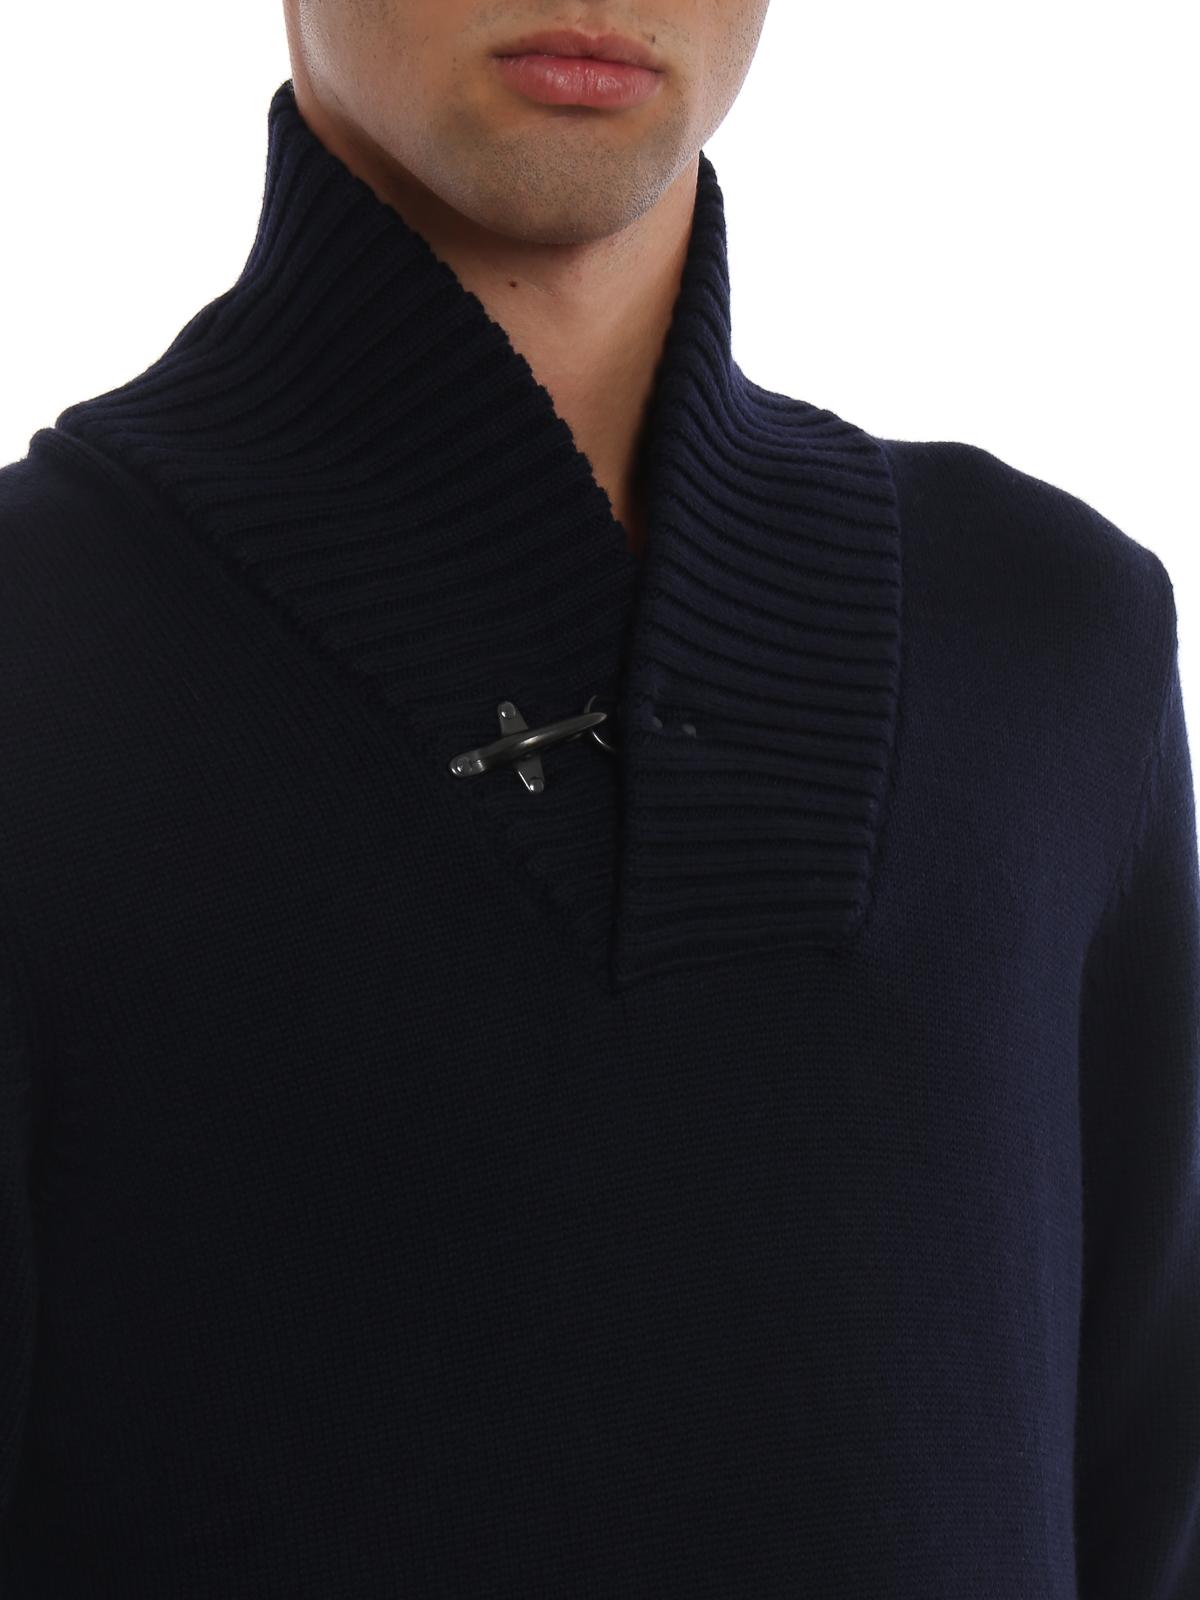 design senza tempo c7de7 7694b Fay - Maglione a V in lana con iconico Gancio - maglia collo ...